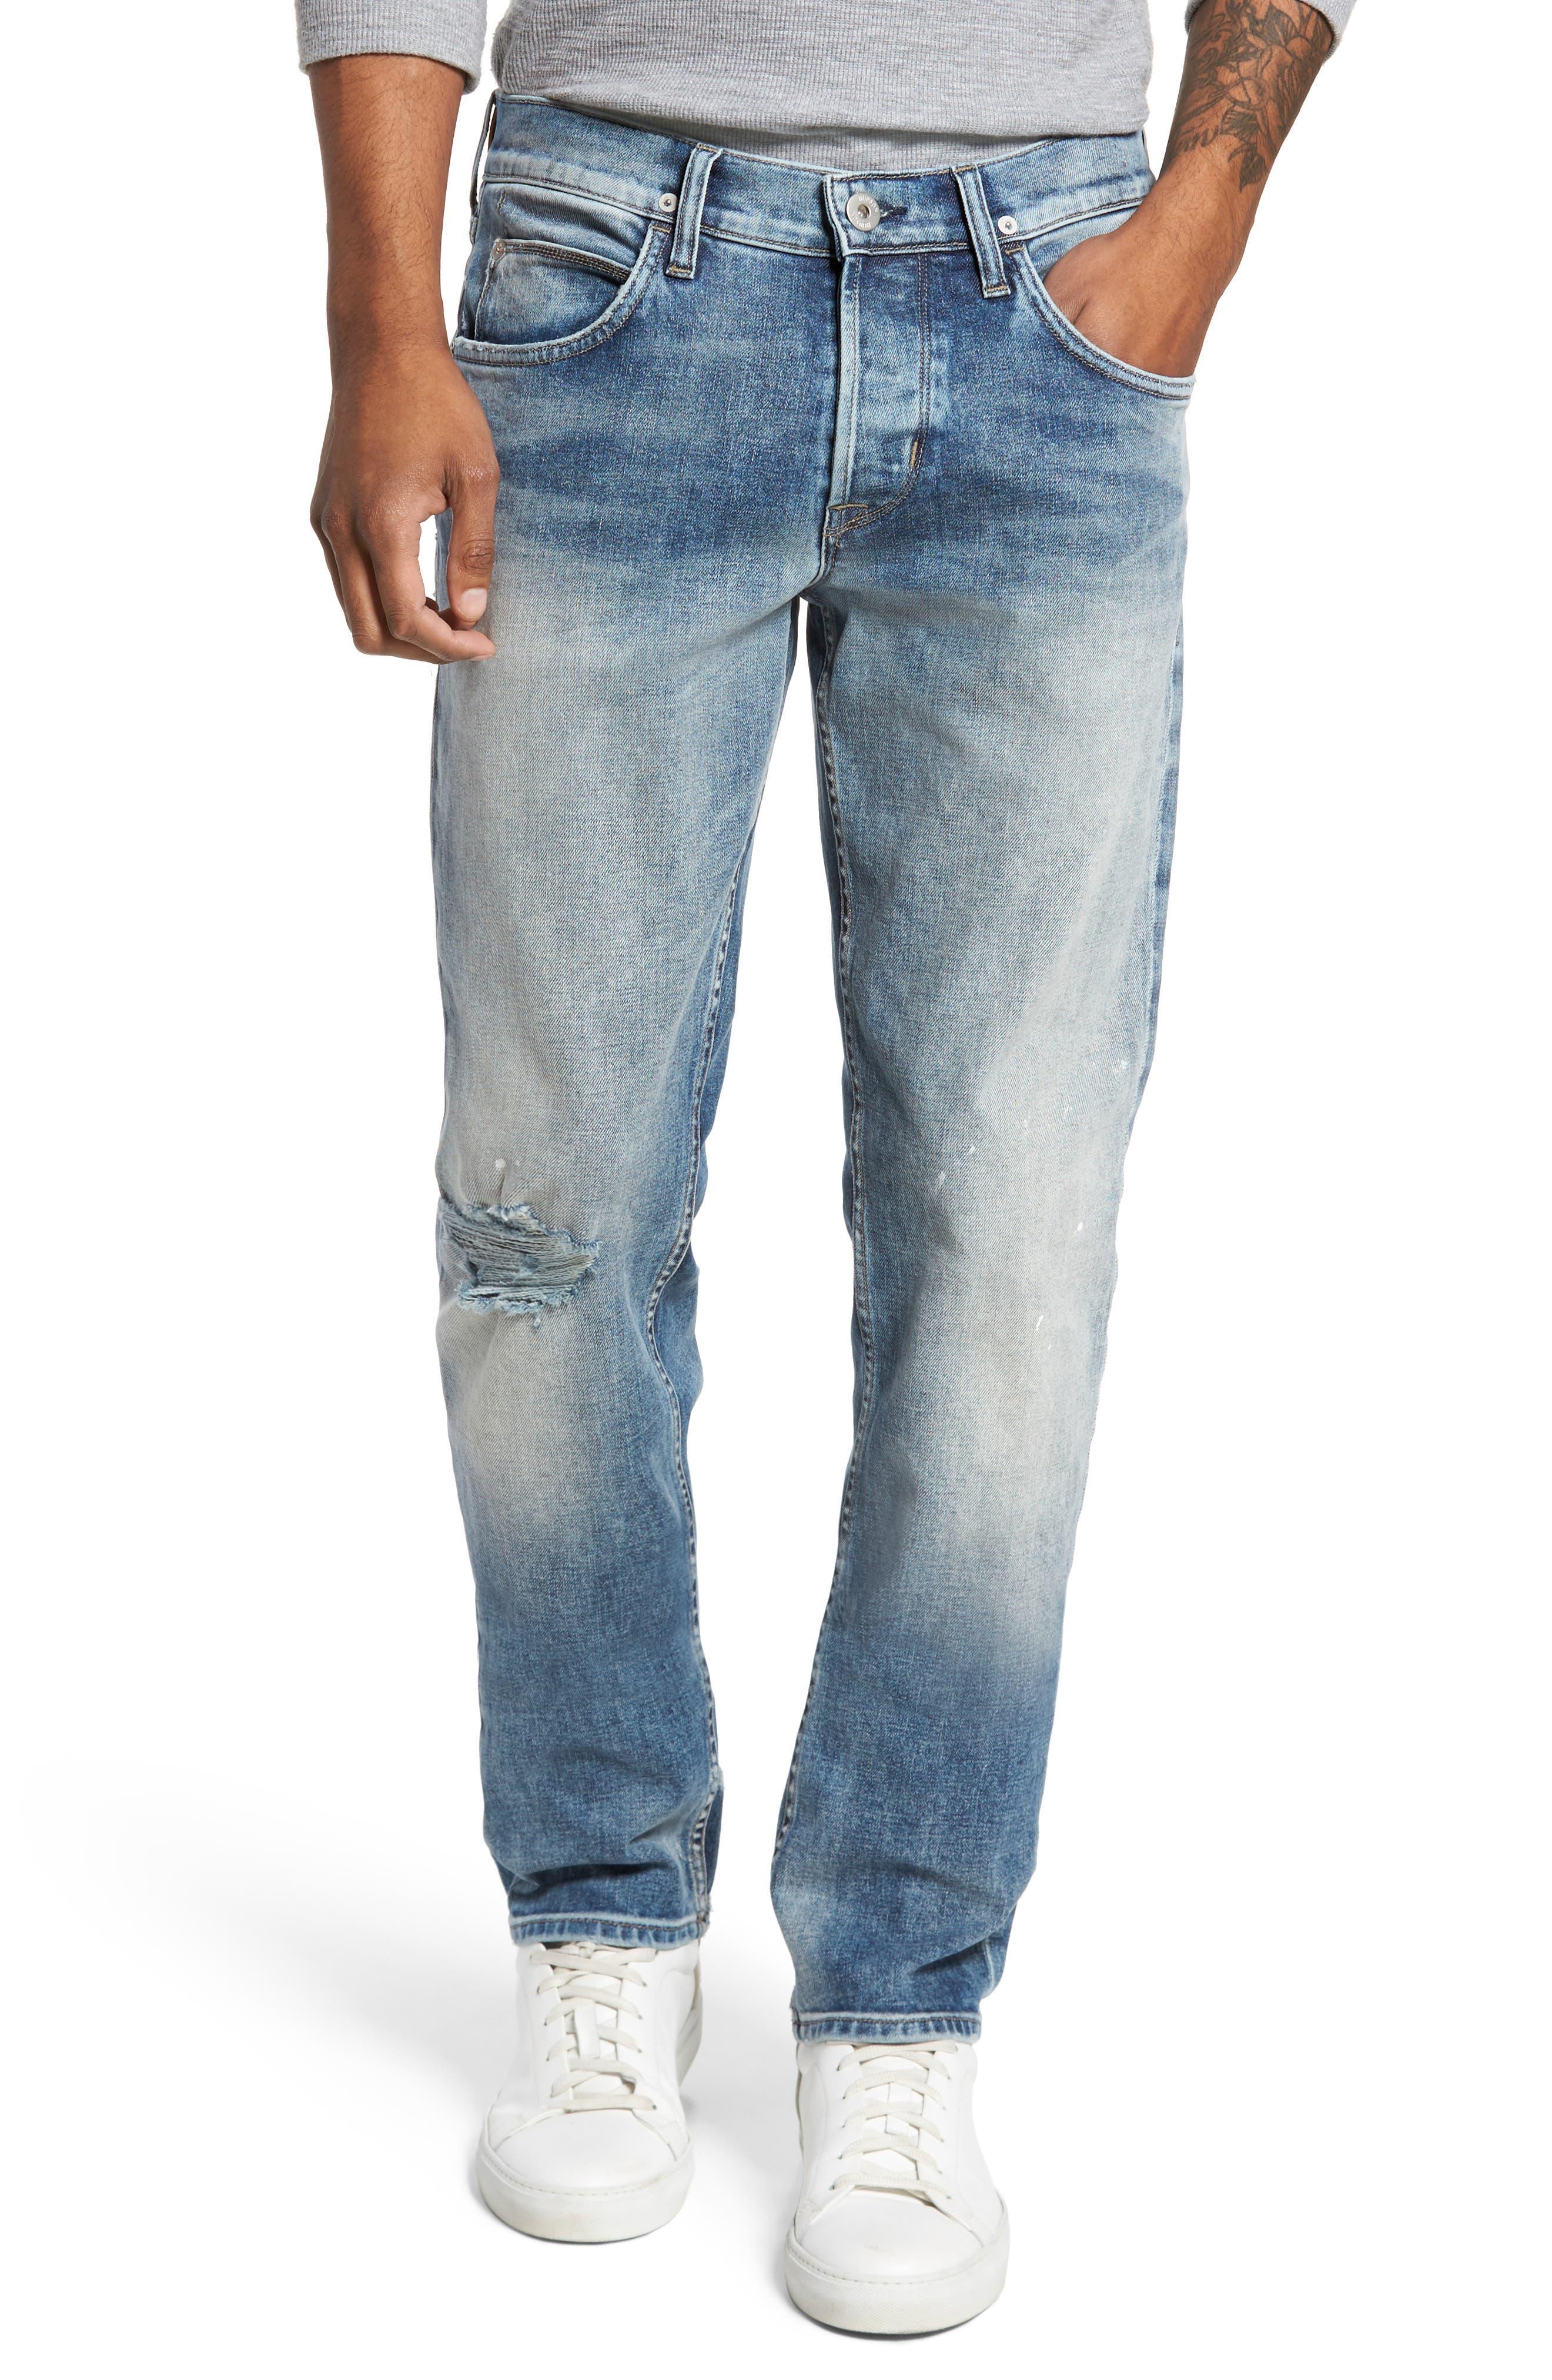 Blake Slim Fit Jeans,                         Main,                         color, 451